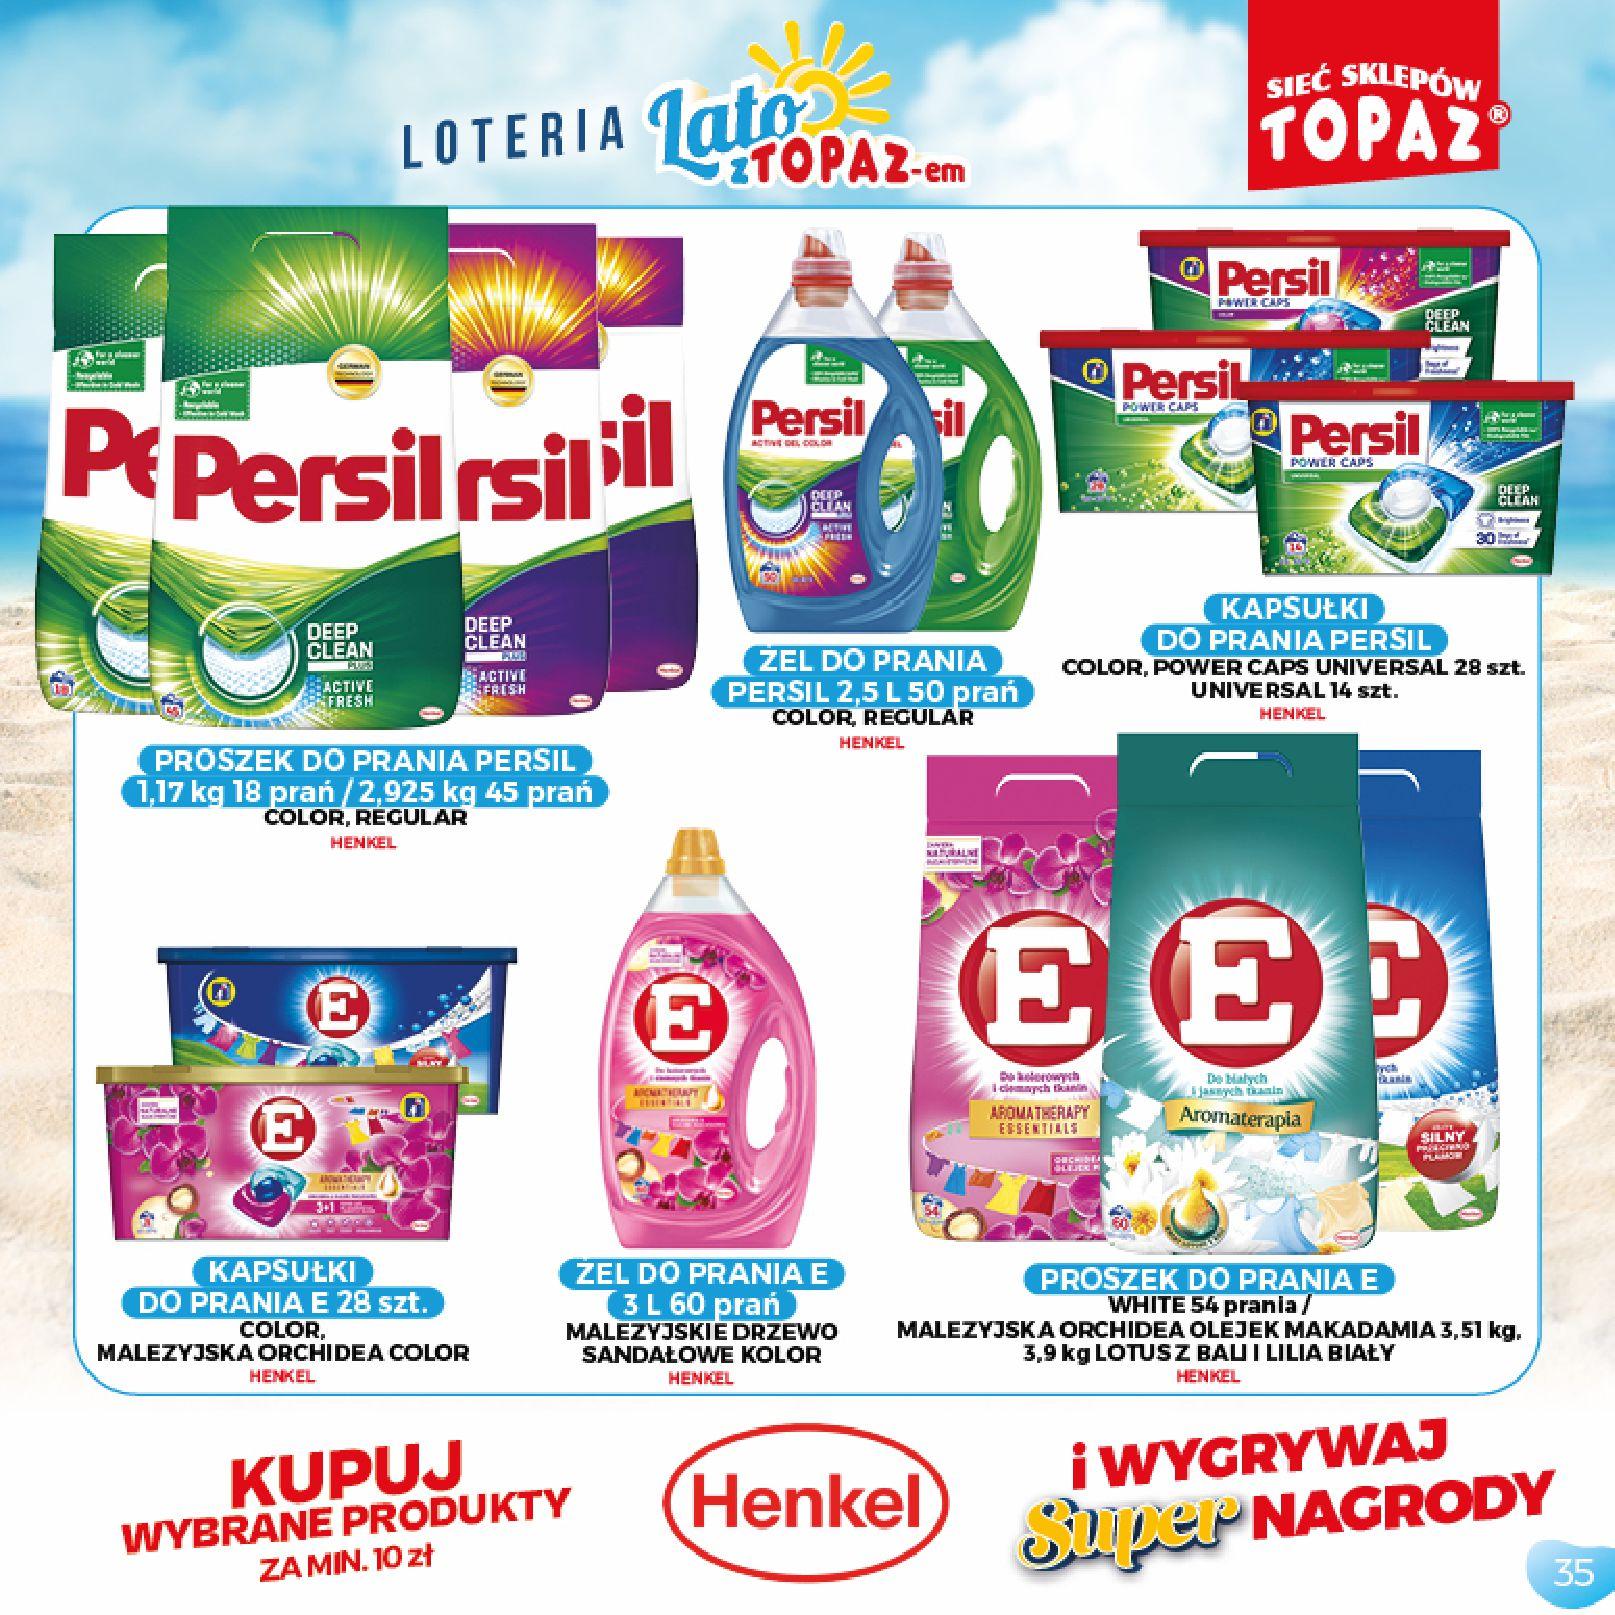 Gazetka TOPAZ: Gazetka TOPAZ - Loteria 2021-07-05 page-35